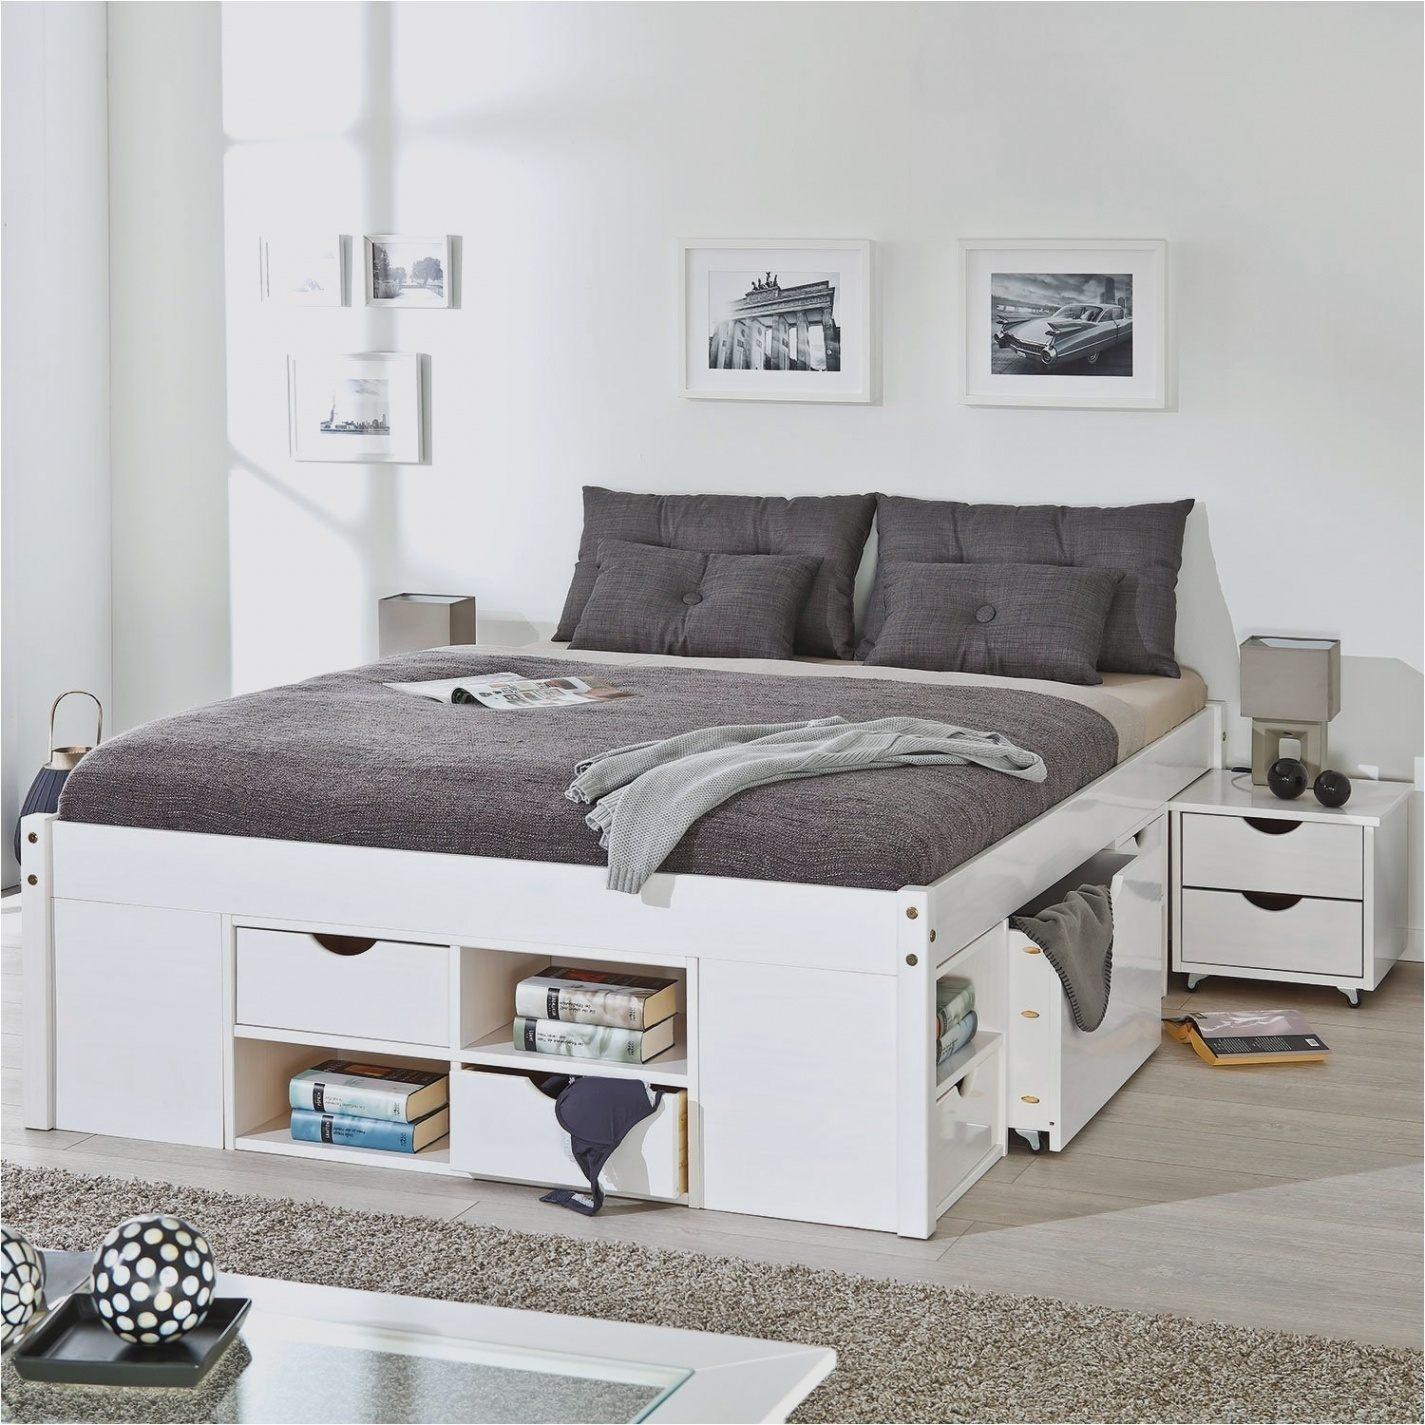 Lit 160x200 Blanc De Luxe Lit Design 160x200 Lit Baldaquin 160x200 En Pin Blanc Cassé Lit De